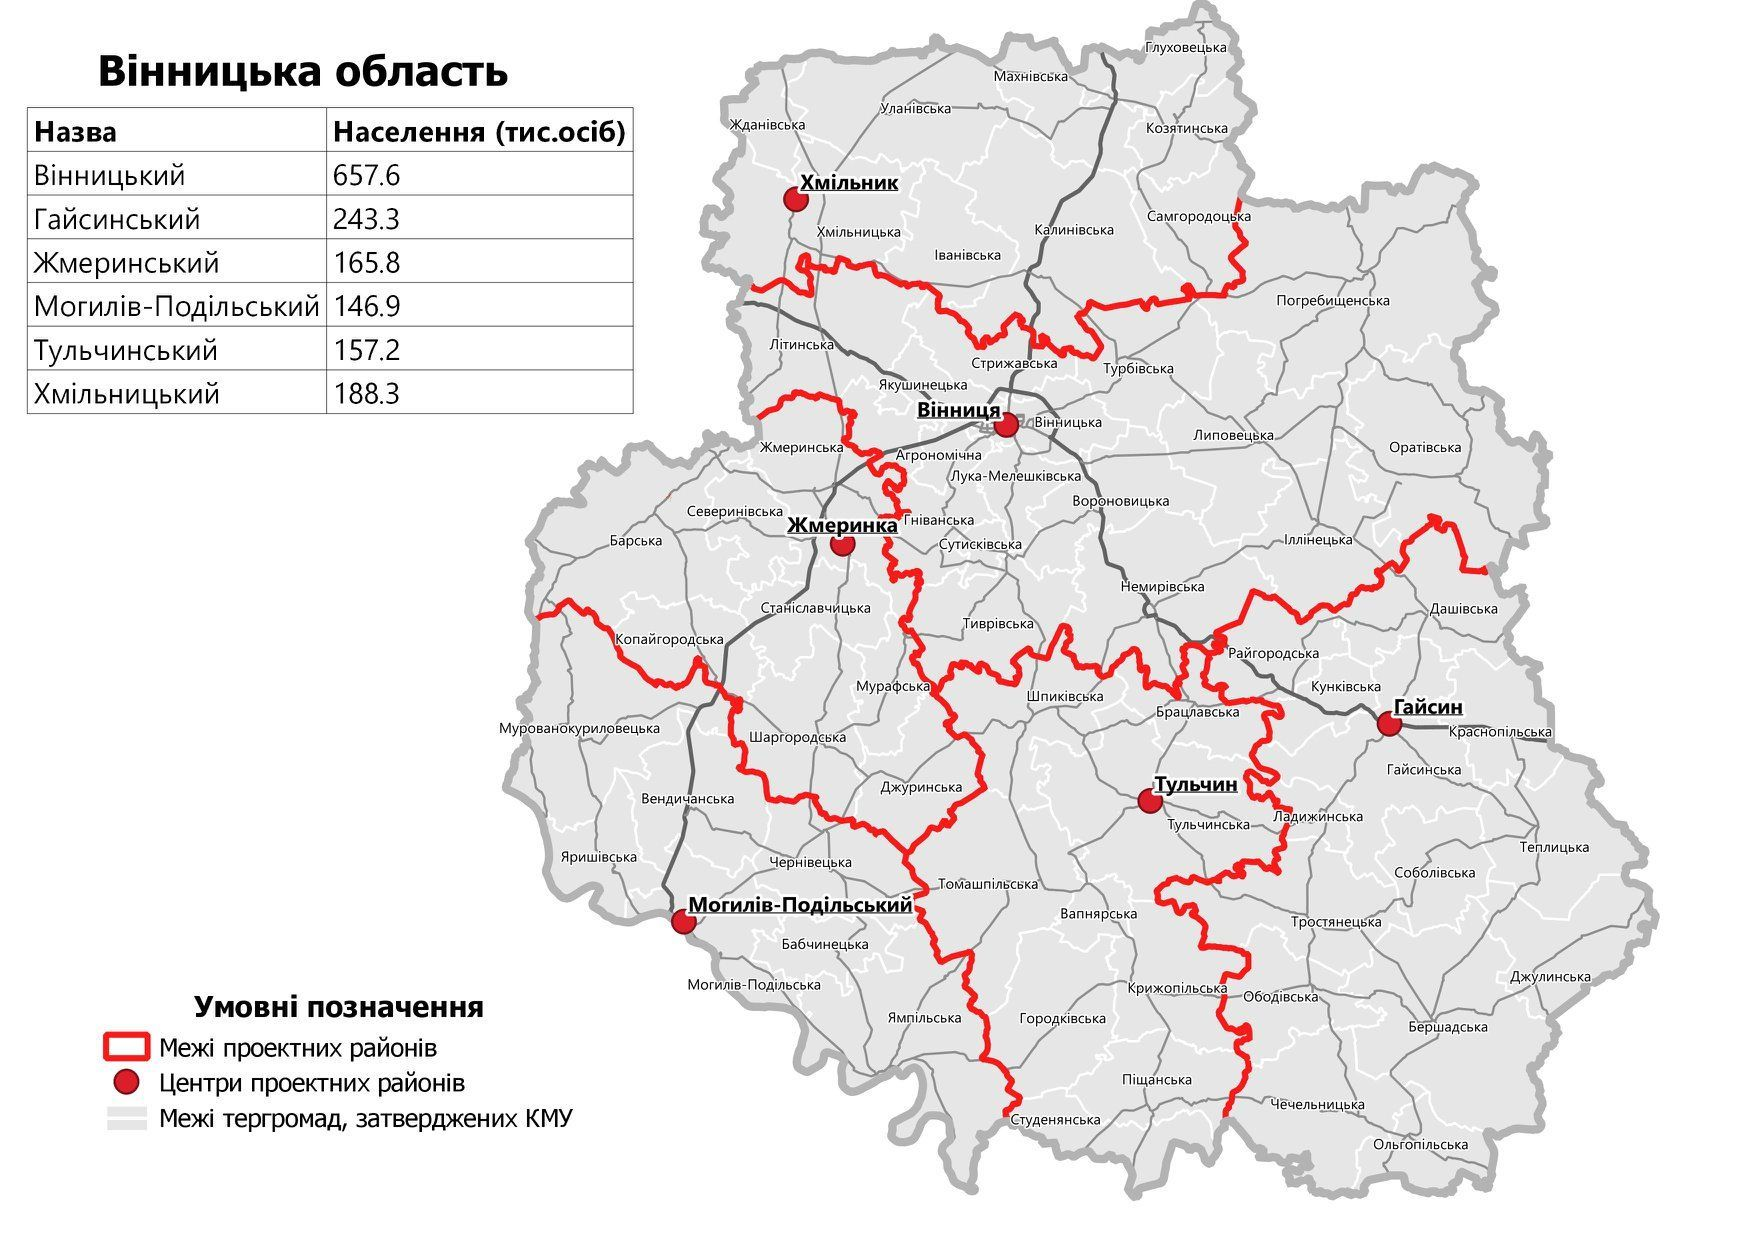 Мапа нових районів_22